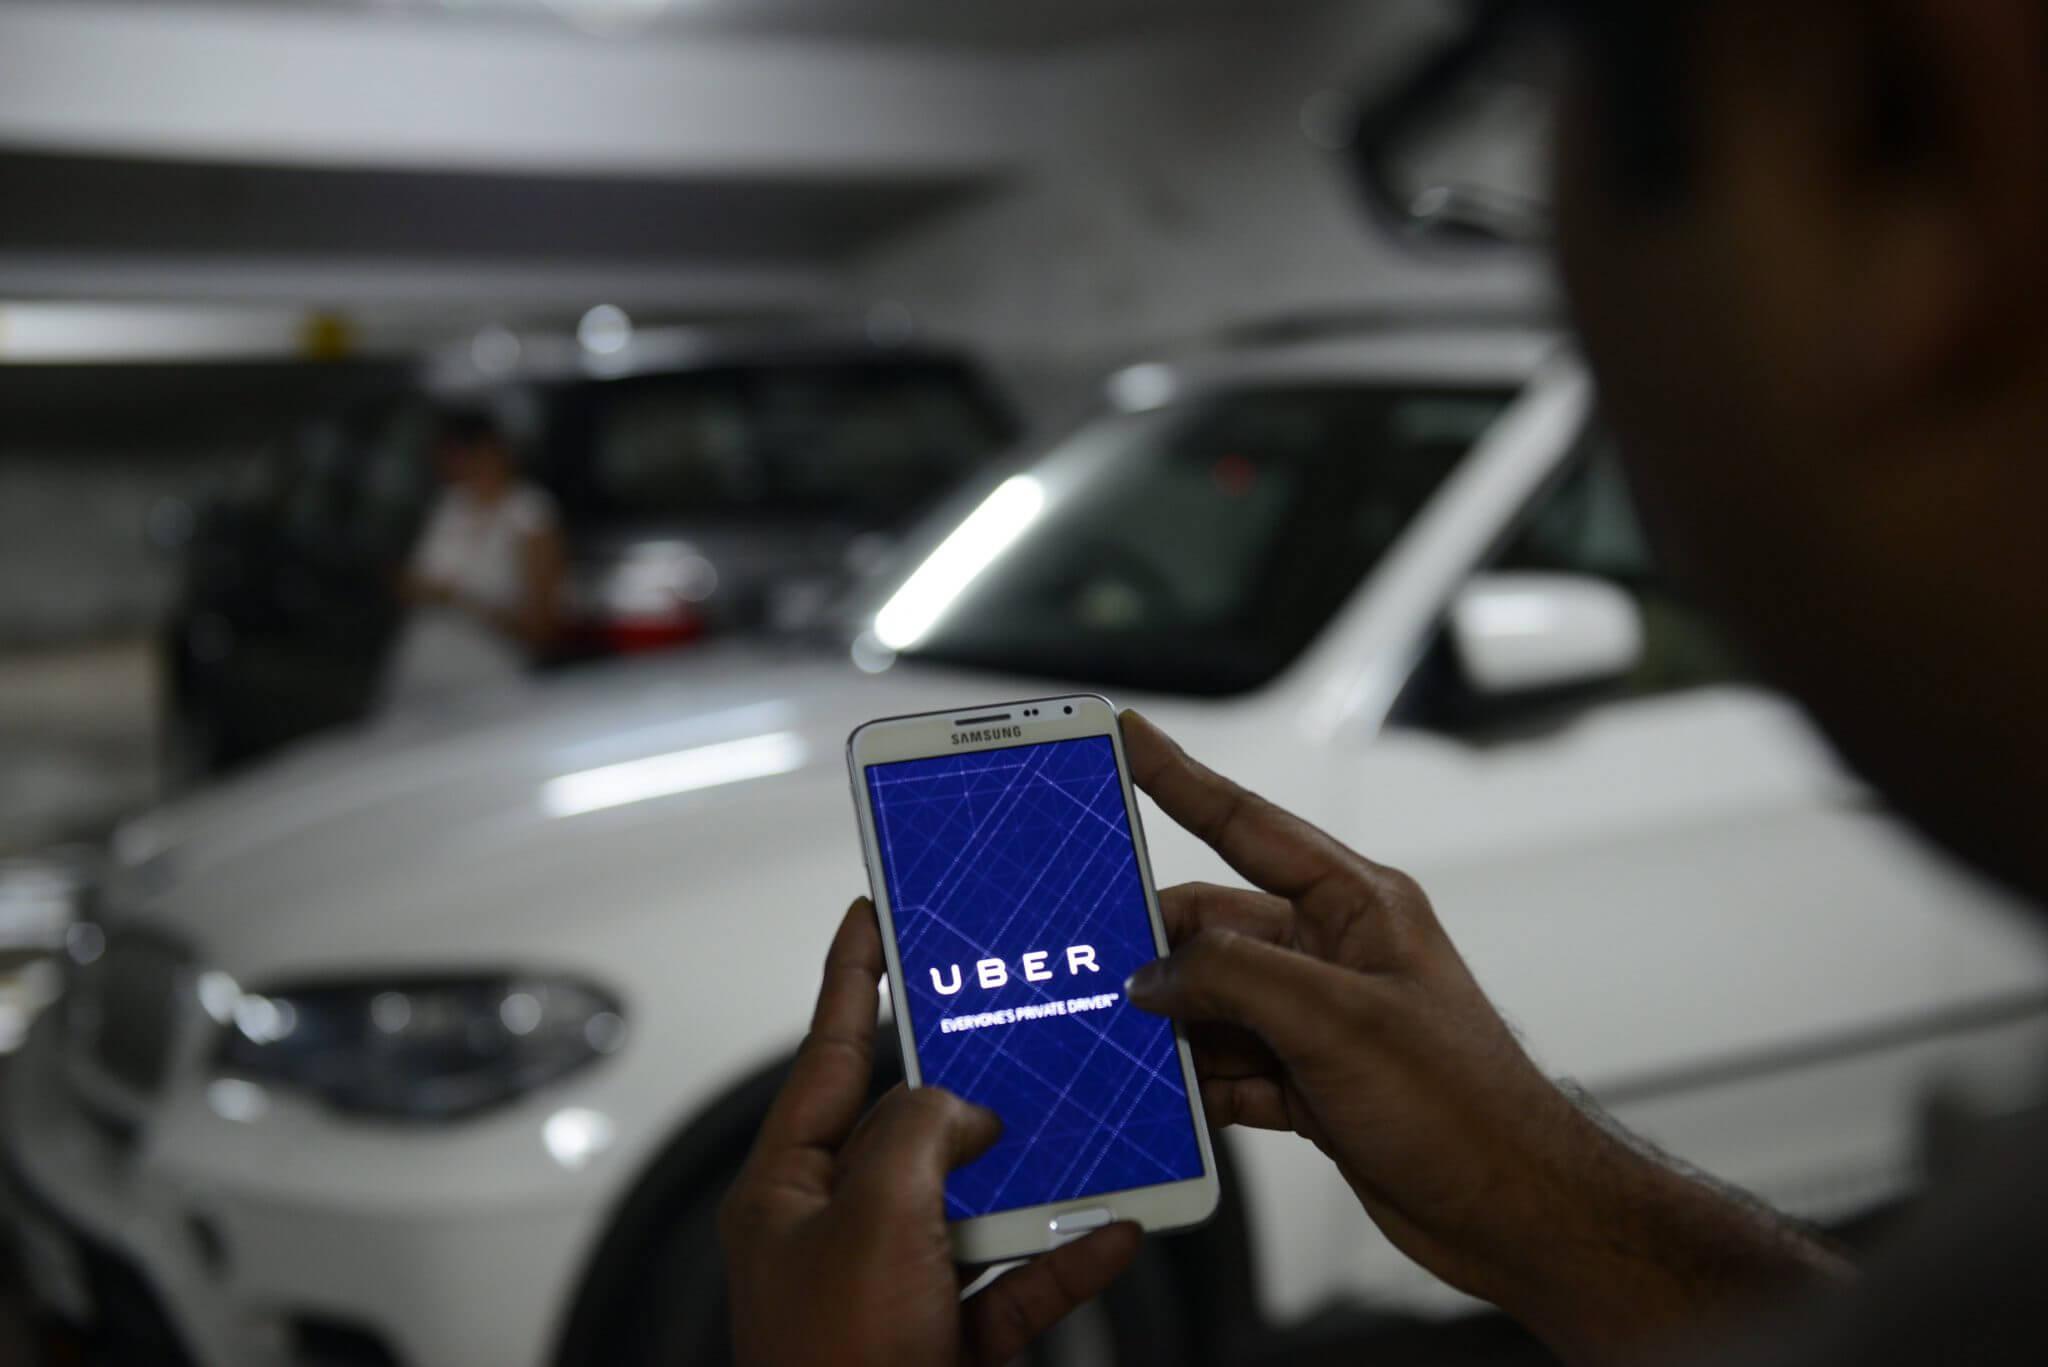 Uber e Smiles anunciam parceria para acúmulo e uso de milhas